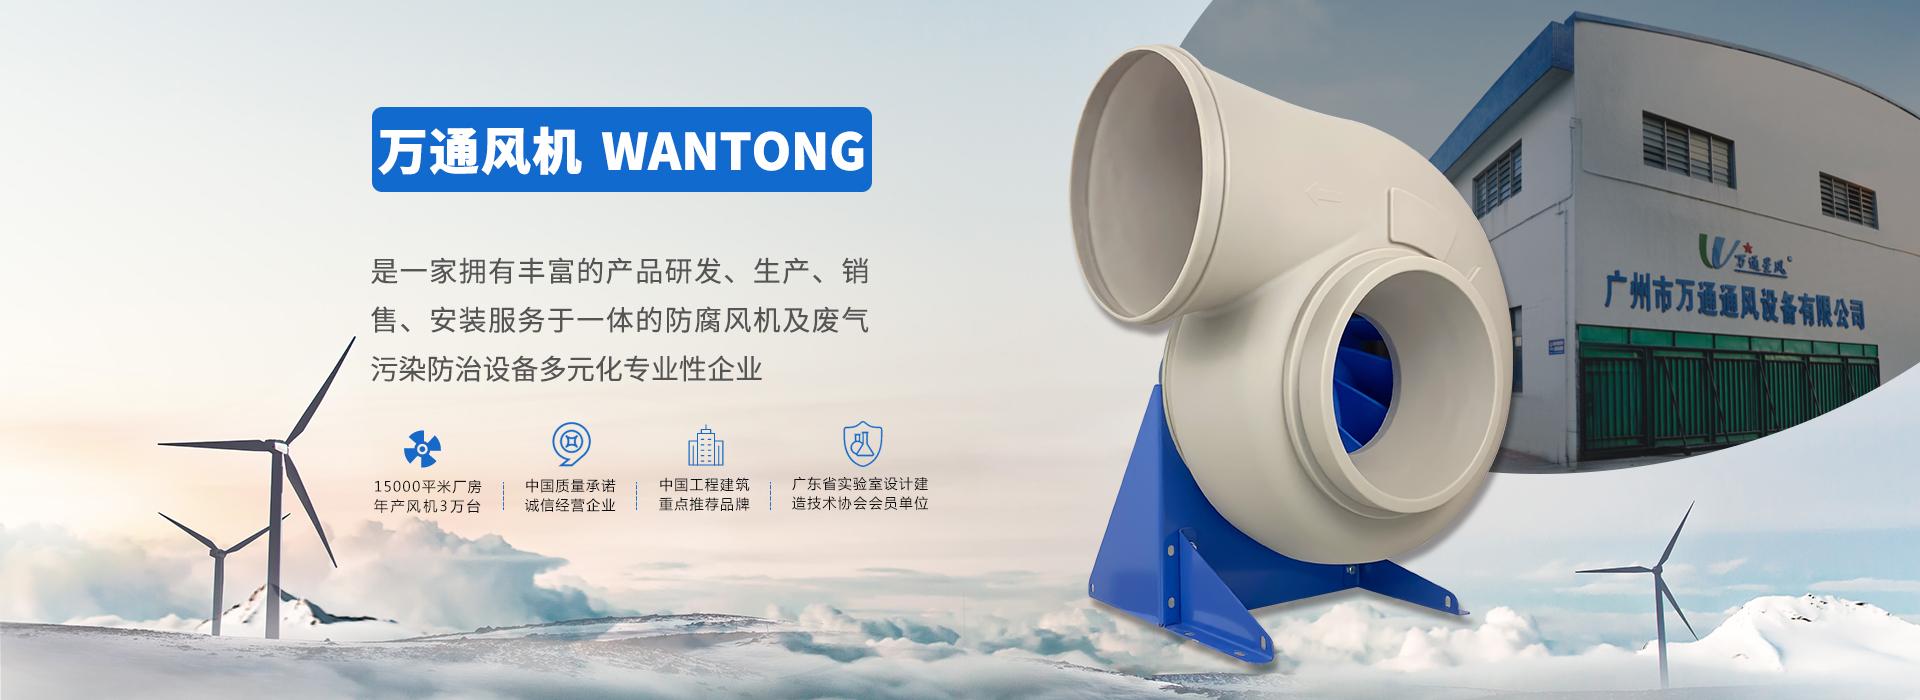 万通风机 是一家拥有丰富的产品研发、生产、销售、安装服务于一体的防腐风机及废气污染防治设备多元化专业性企业